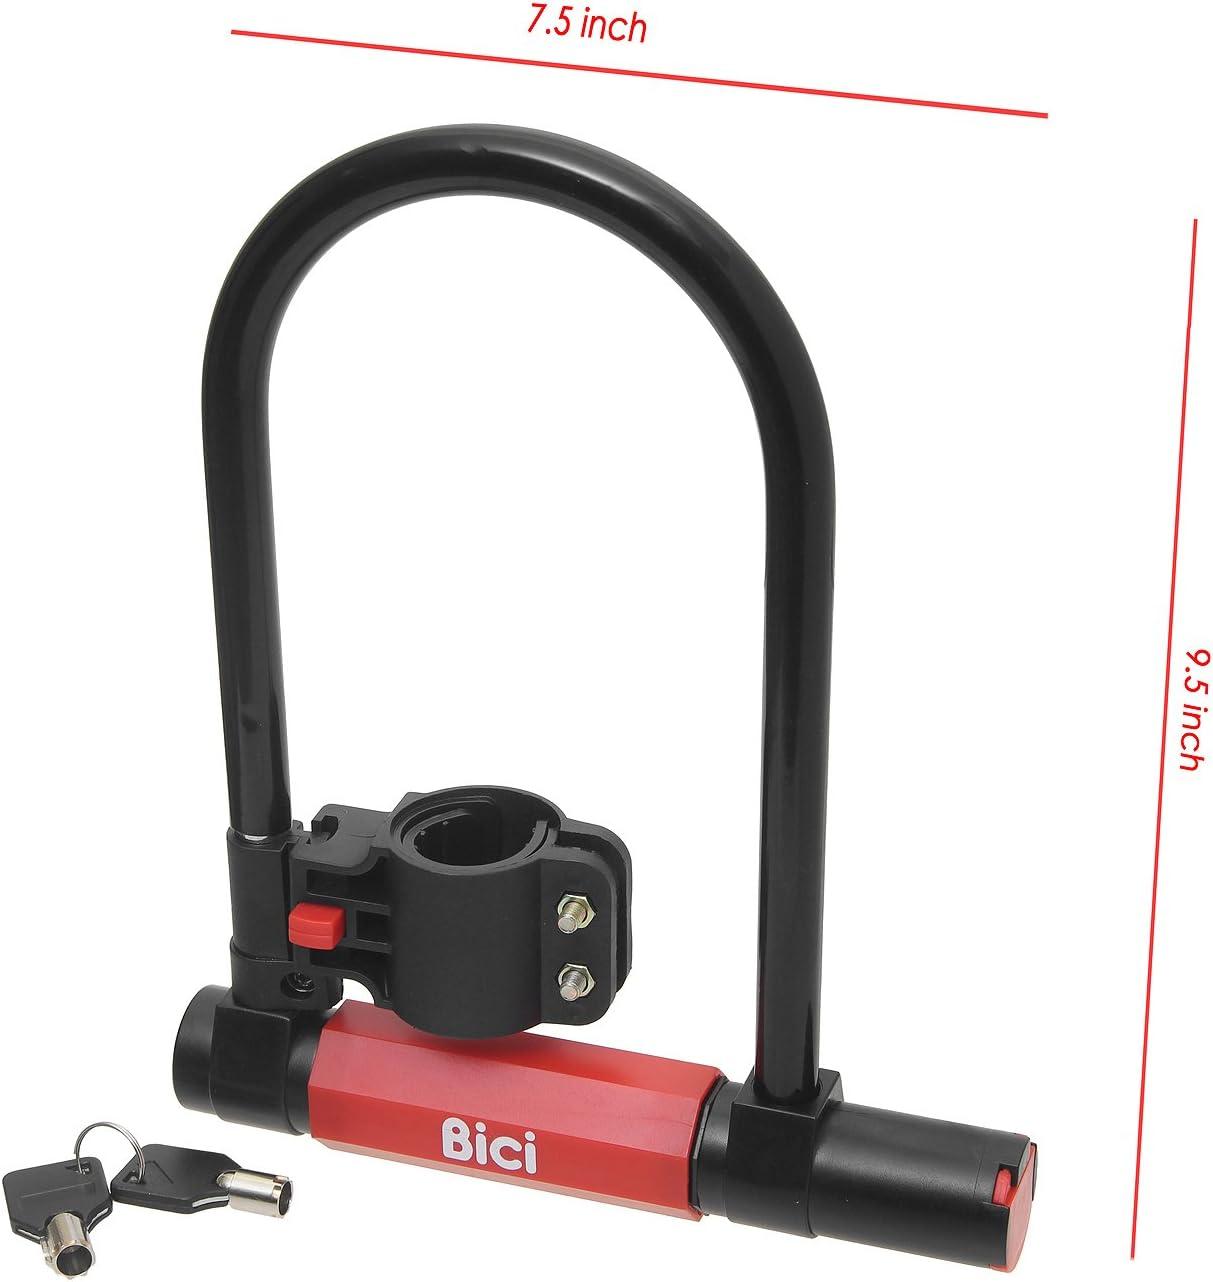 Bici U-Lock Bike Bicycle Bracket Heavy Duty 15mm Anti-Rust Anti-Saw w//Mounting Bracket /& 2 Keys